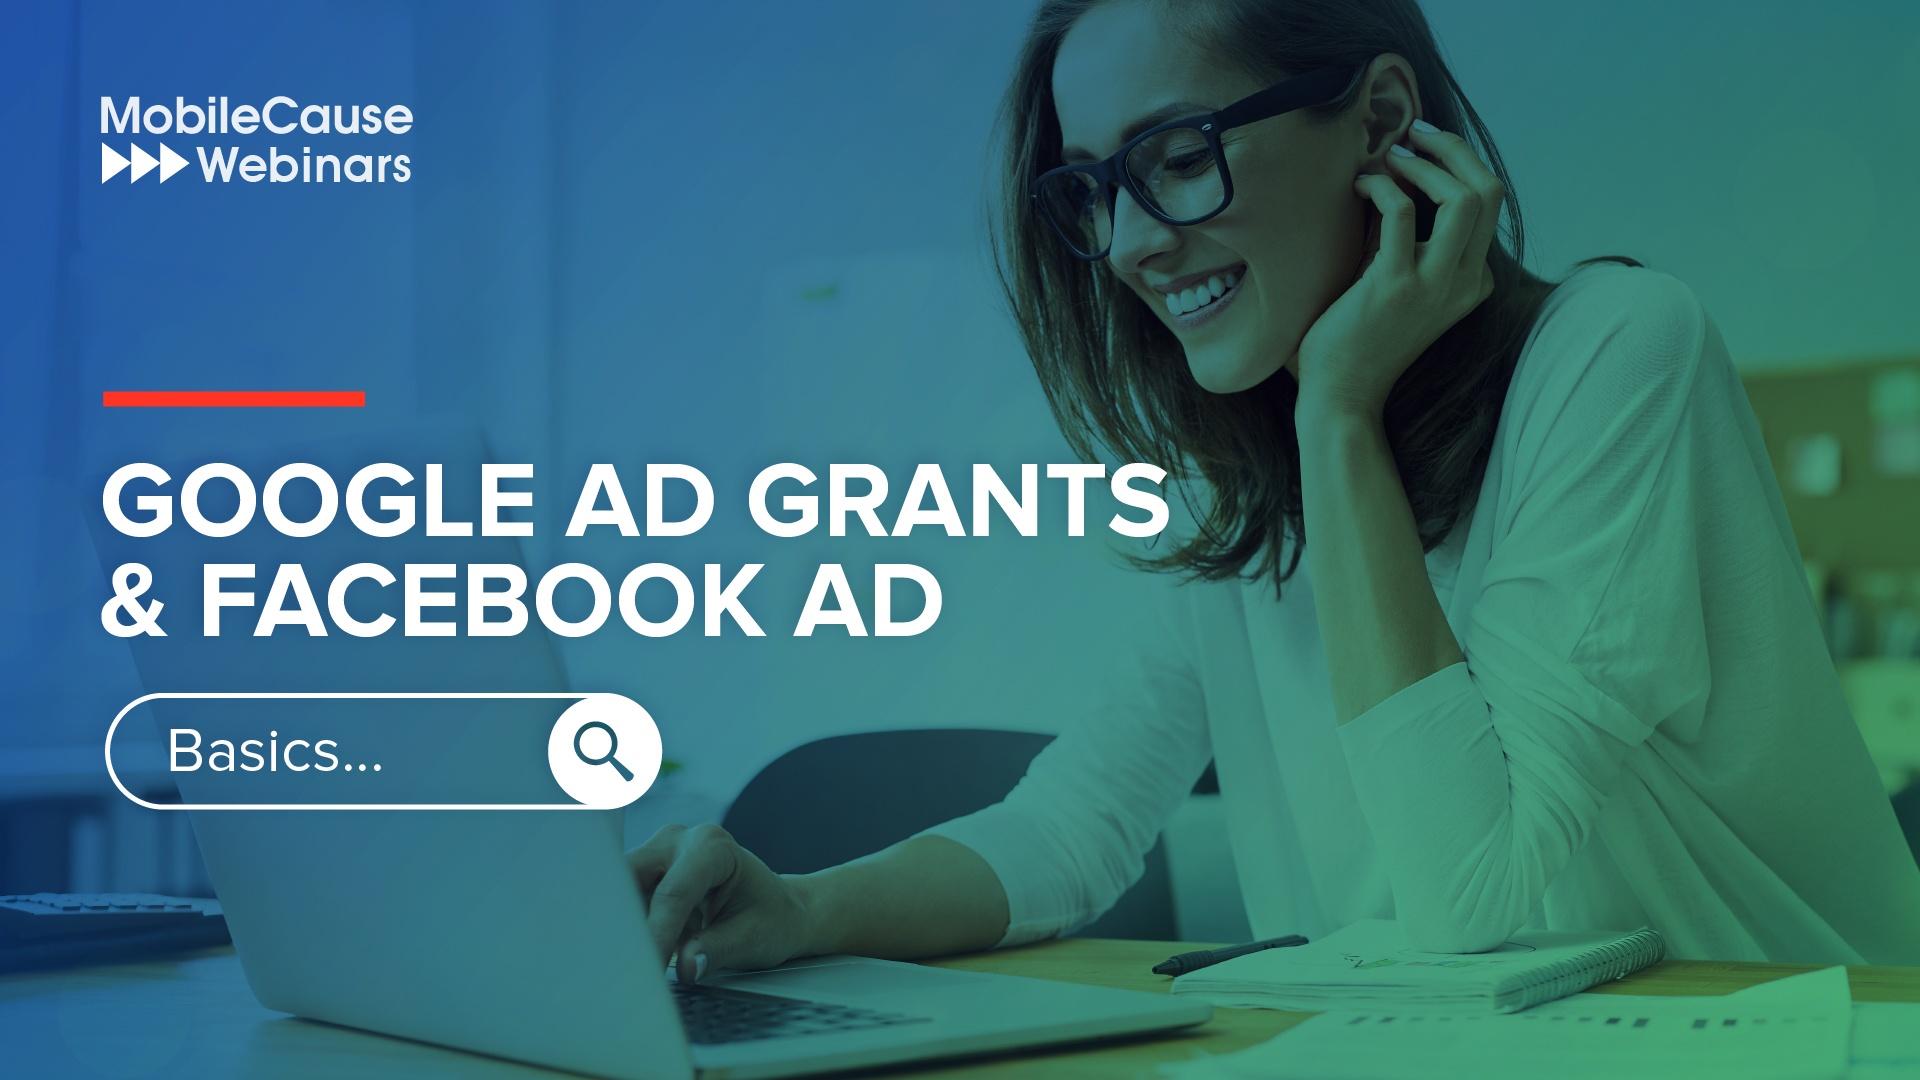 FacebookAd_GoogleAdGrant_Webinar_Graphics_Cover1920x1080_1 copy